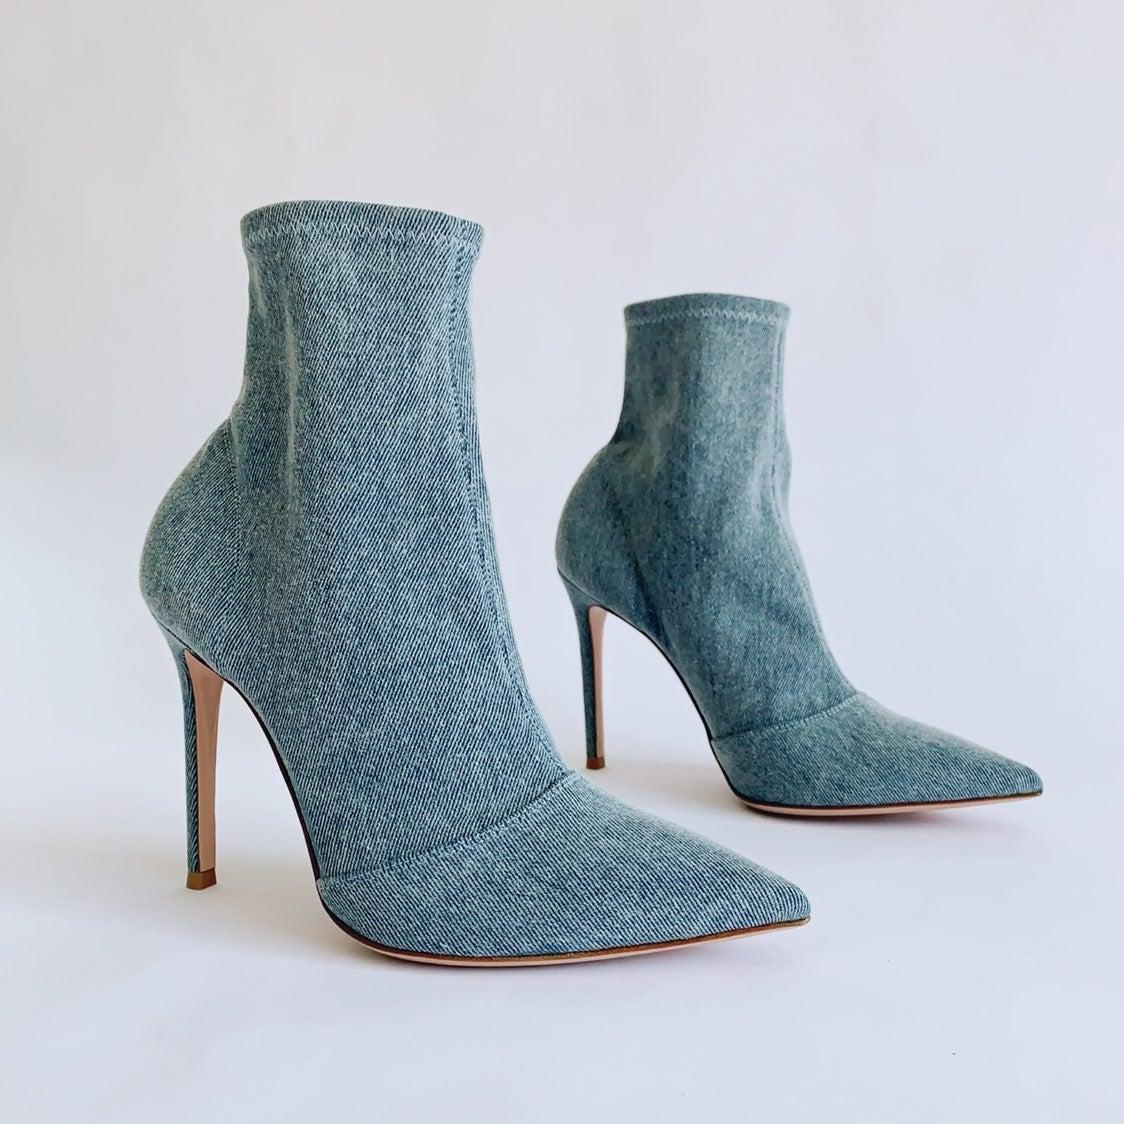 Gianvito Rossi Booties Denim Blue Heels